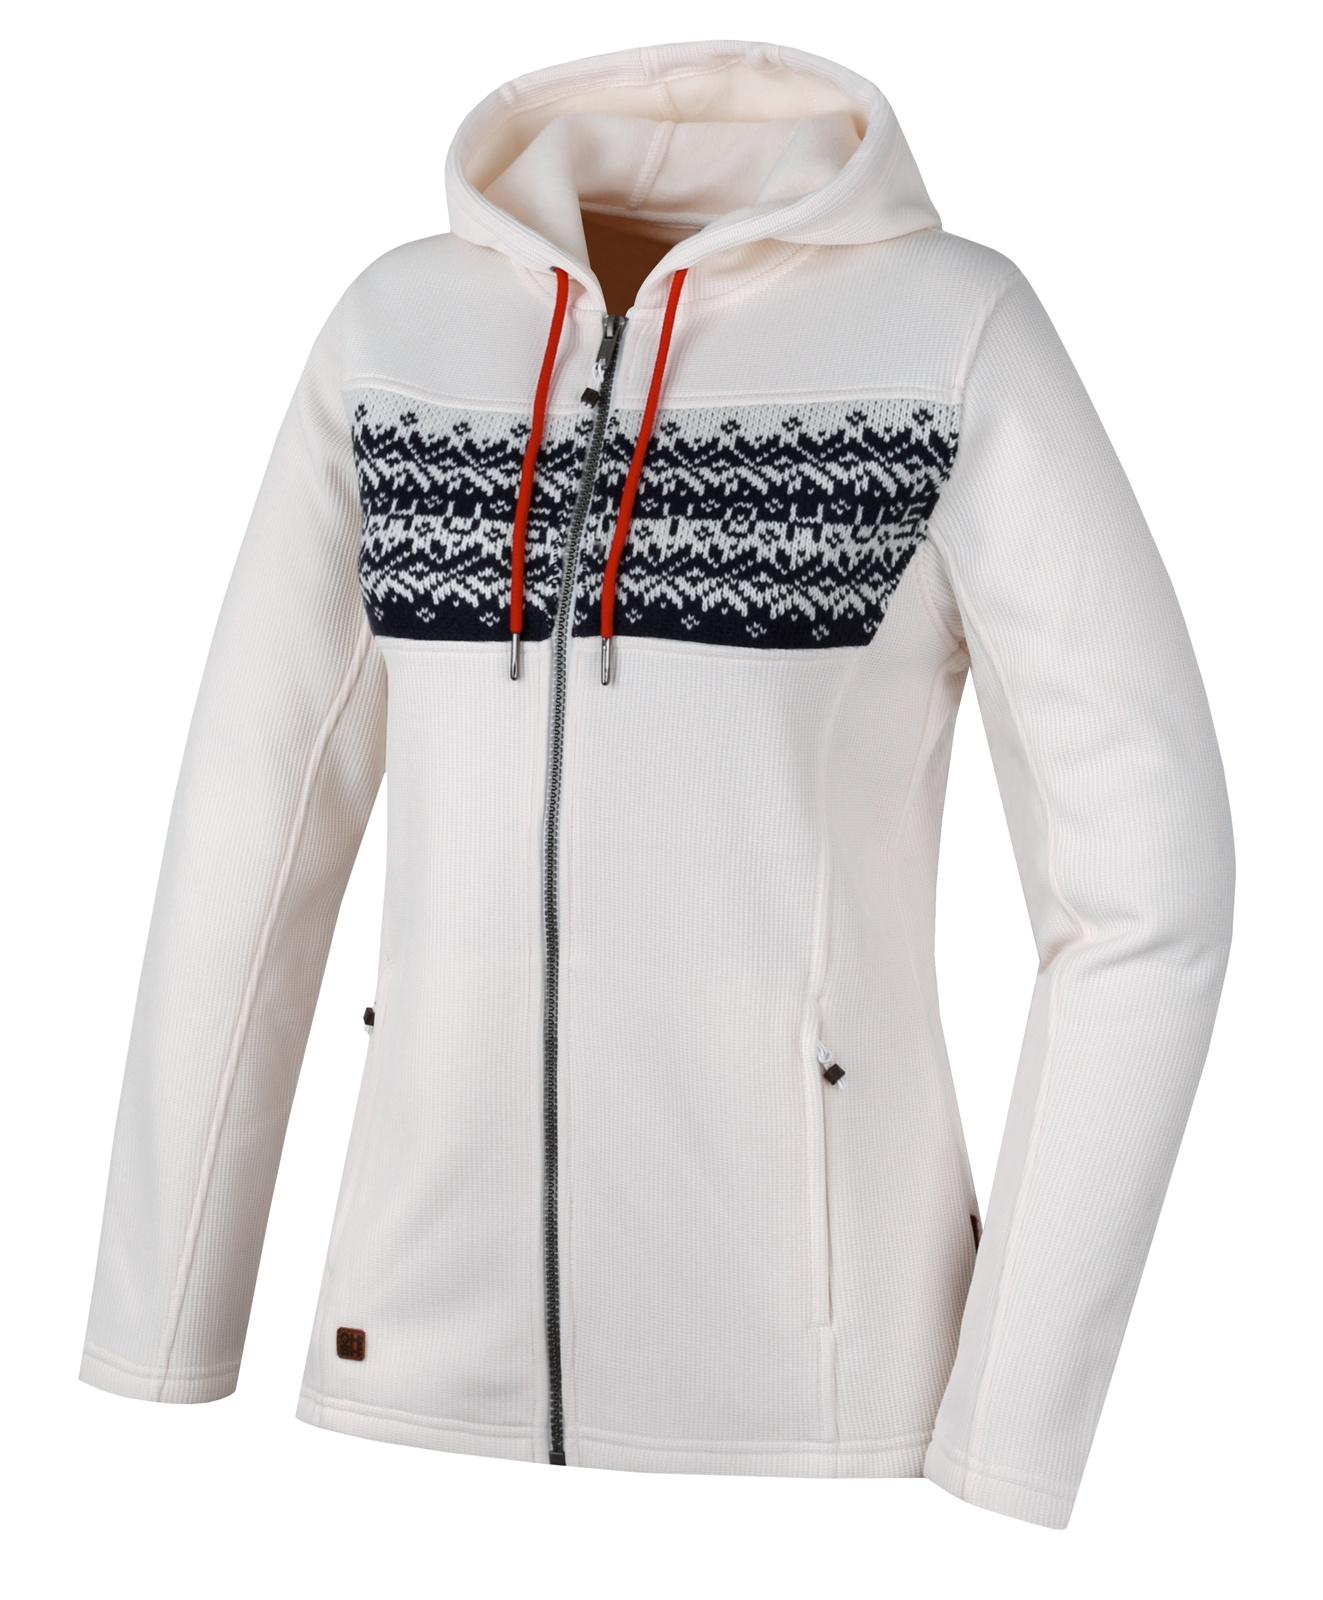 Husky Dámský svetr Klaider L bílá Velikost  L 7ba4266411